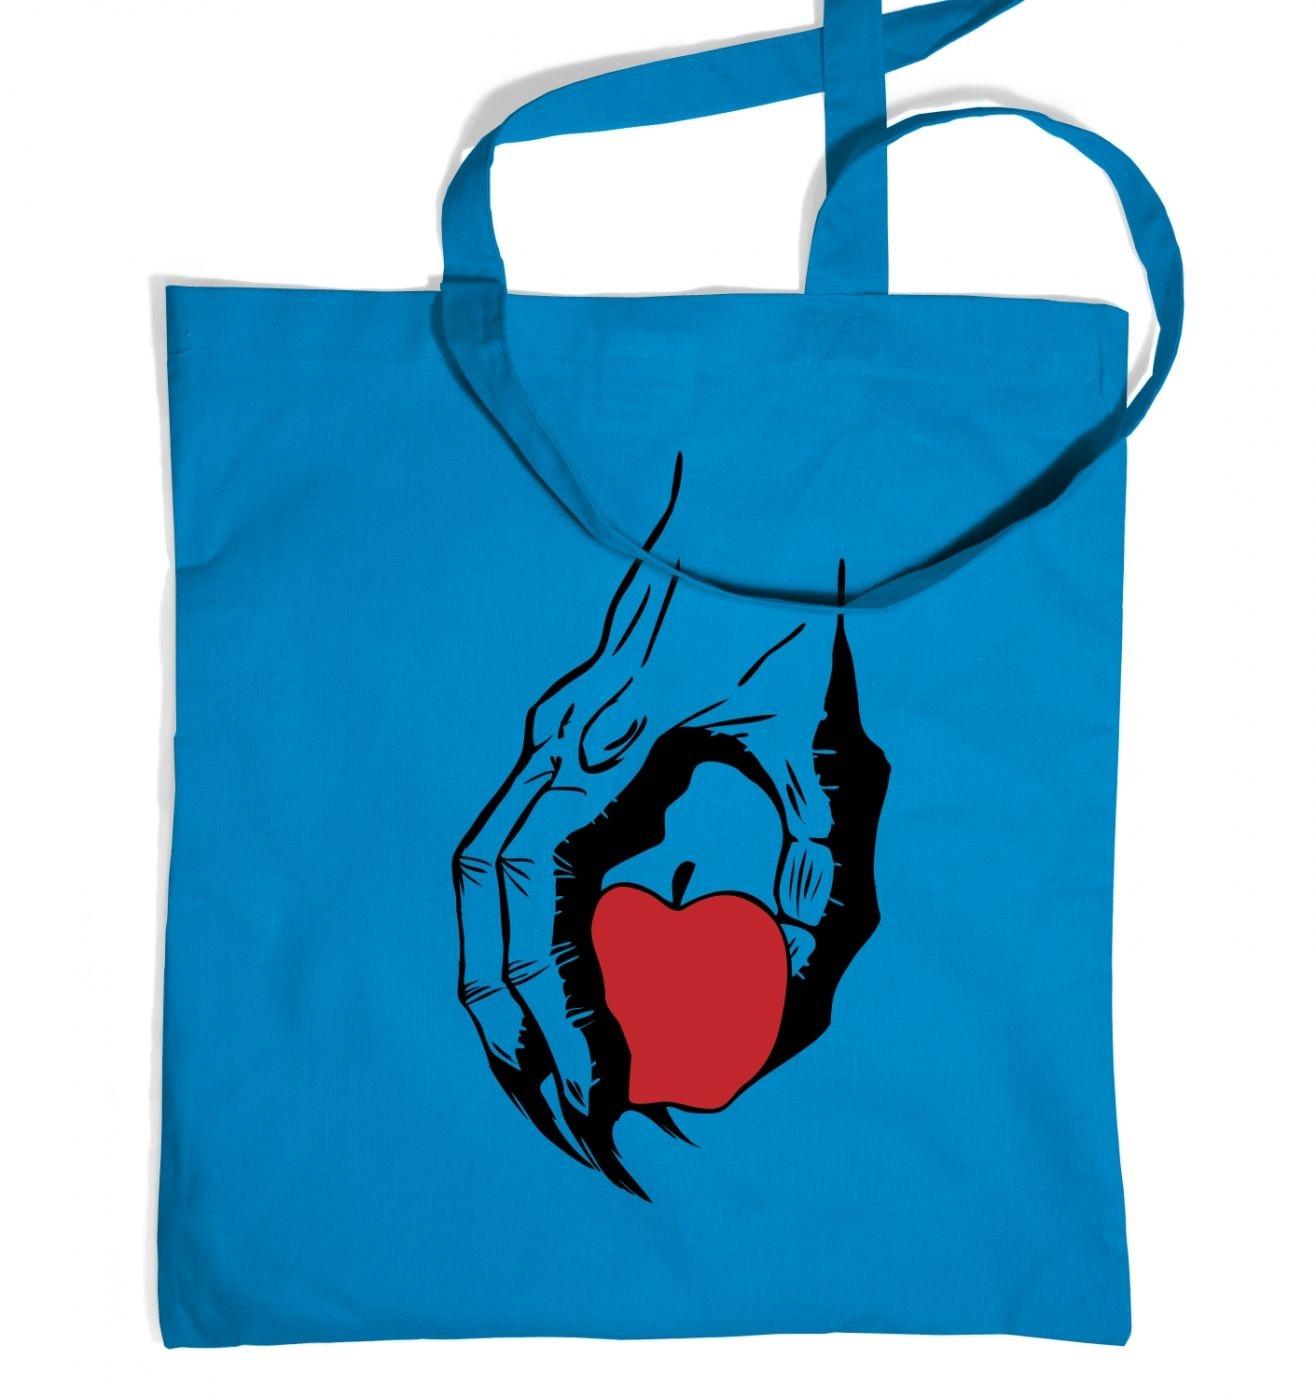 Shinigami Hand - Tote Bag